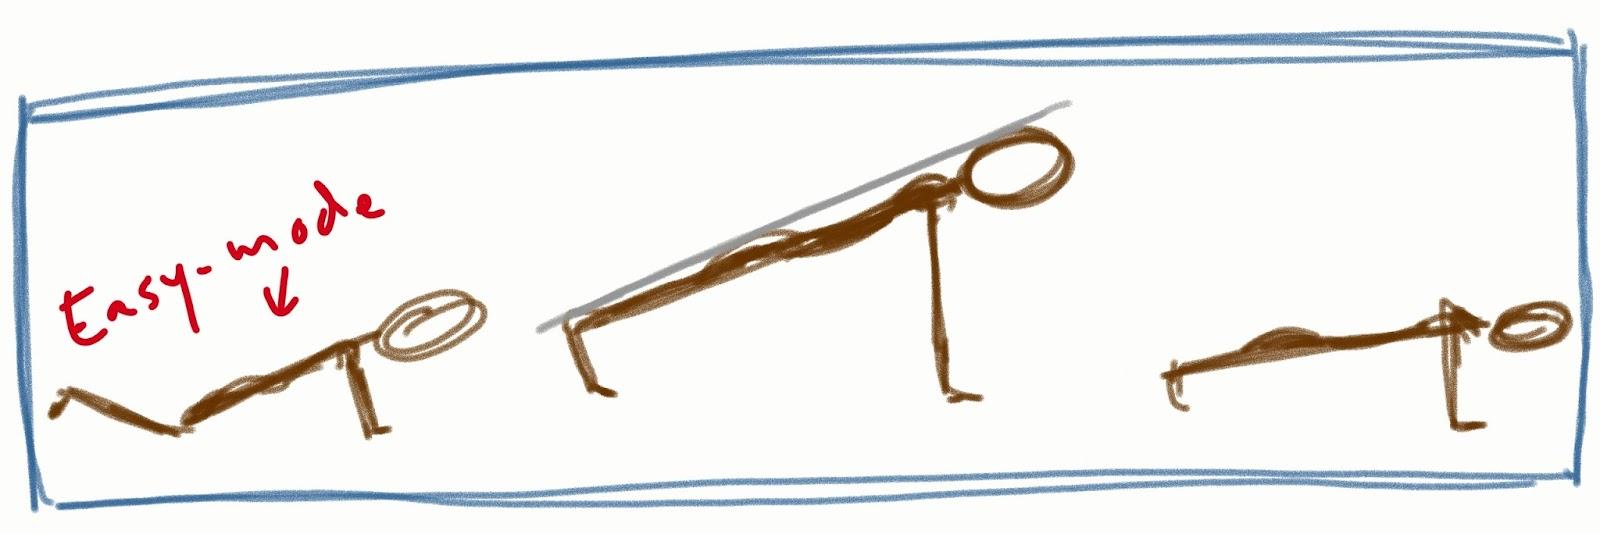 sketch-1453184023814.jpg